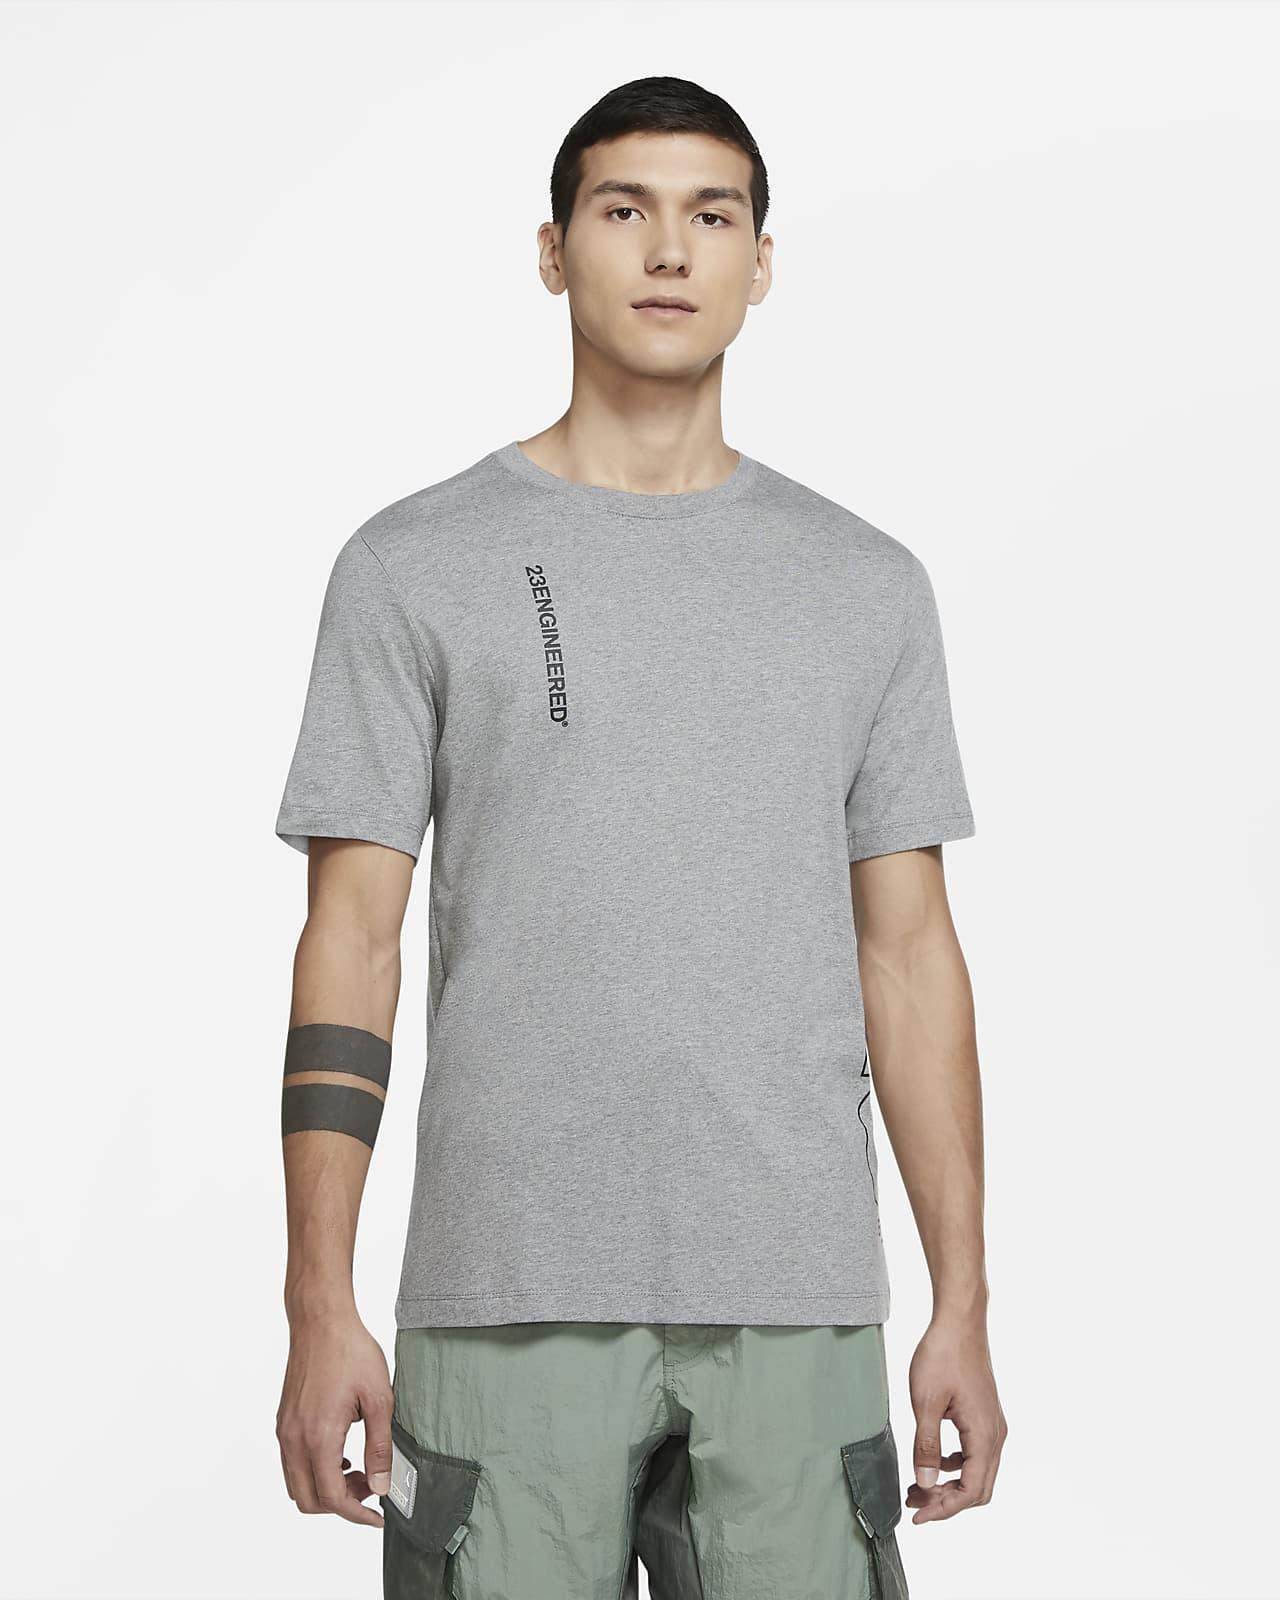 Jordan 23 Engineered Men's Short-Sleeve Crew